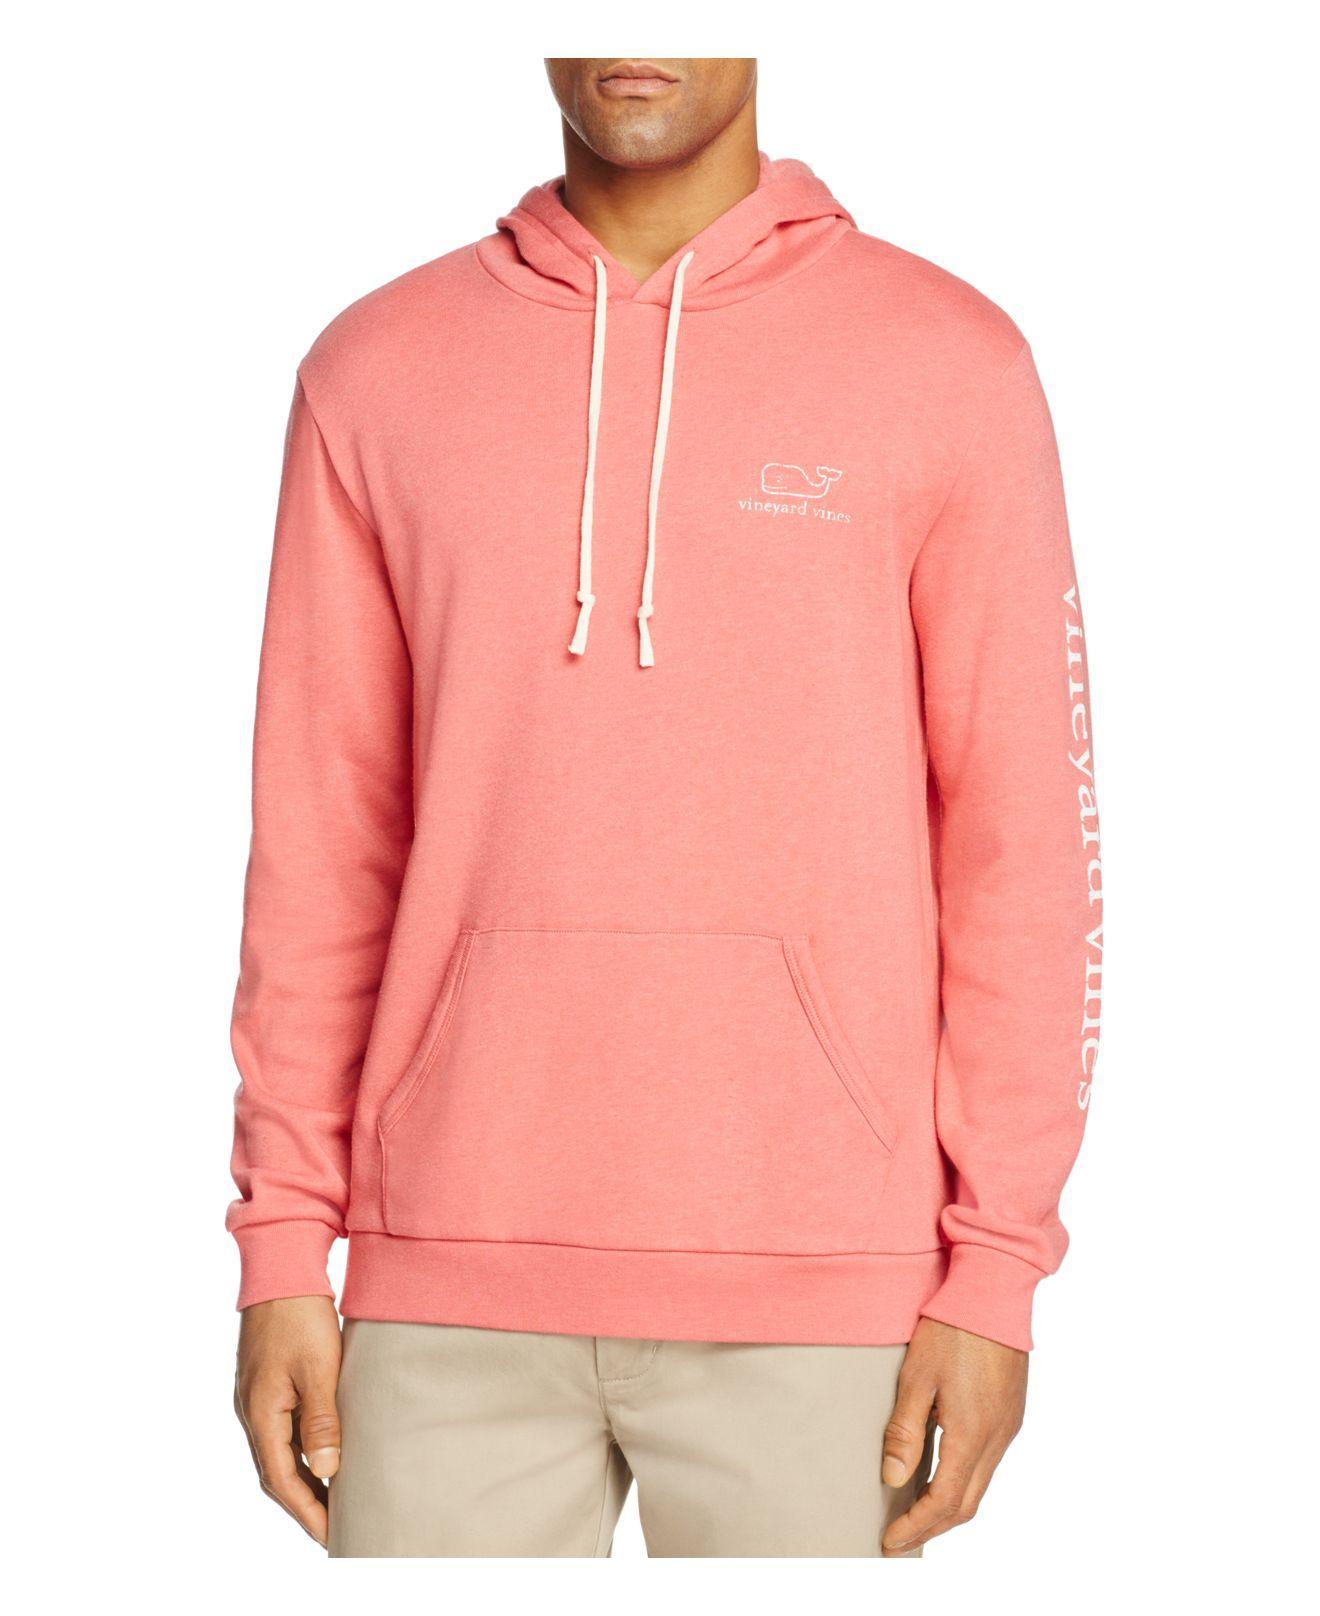 Vineyard Vines Vintage Whale Hooded Sweatshirt In Pink For